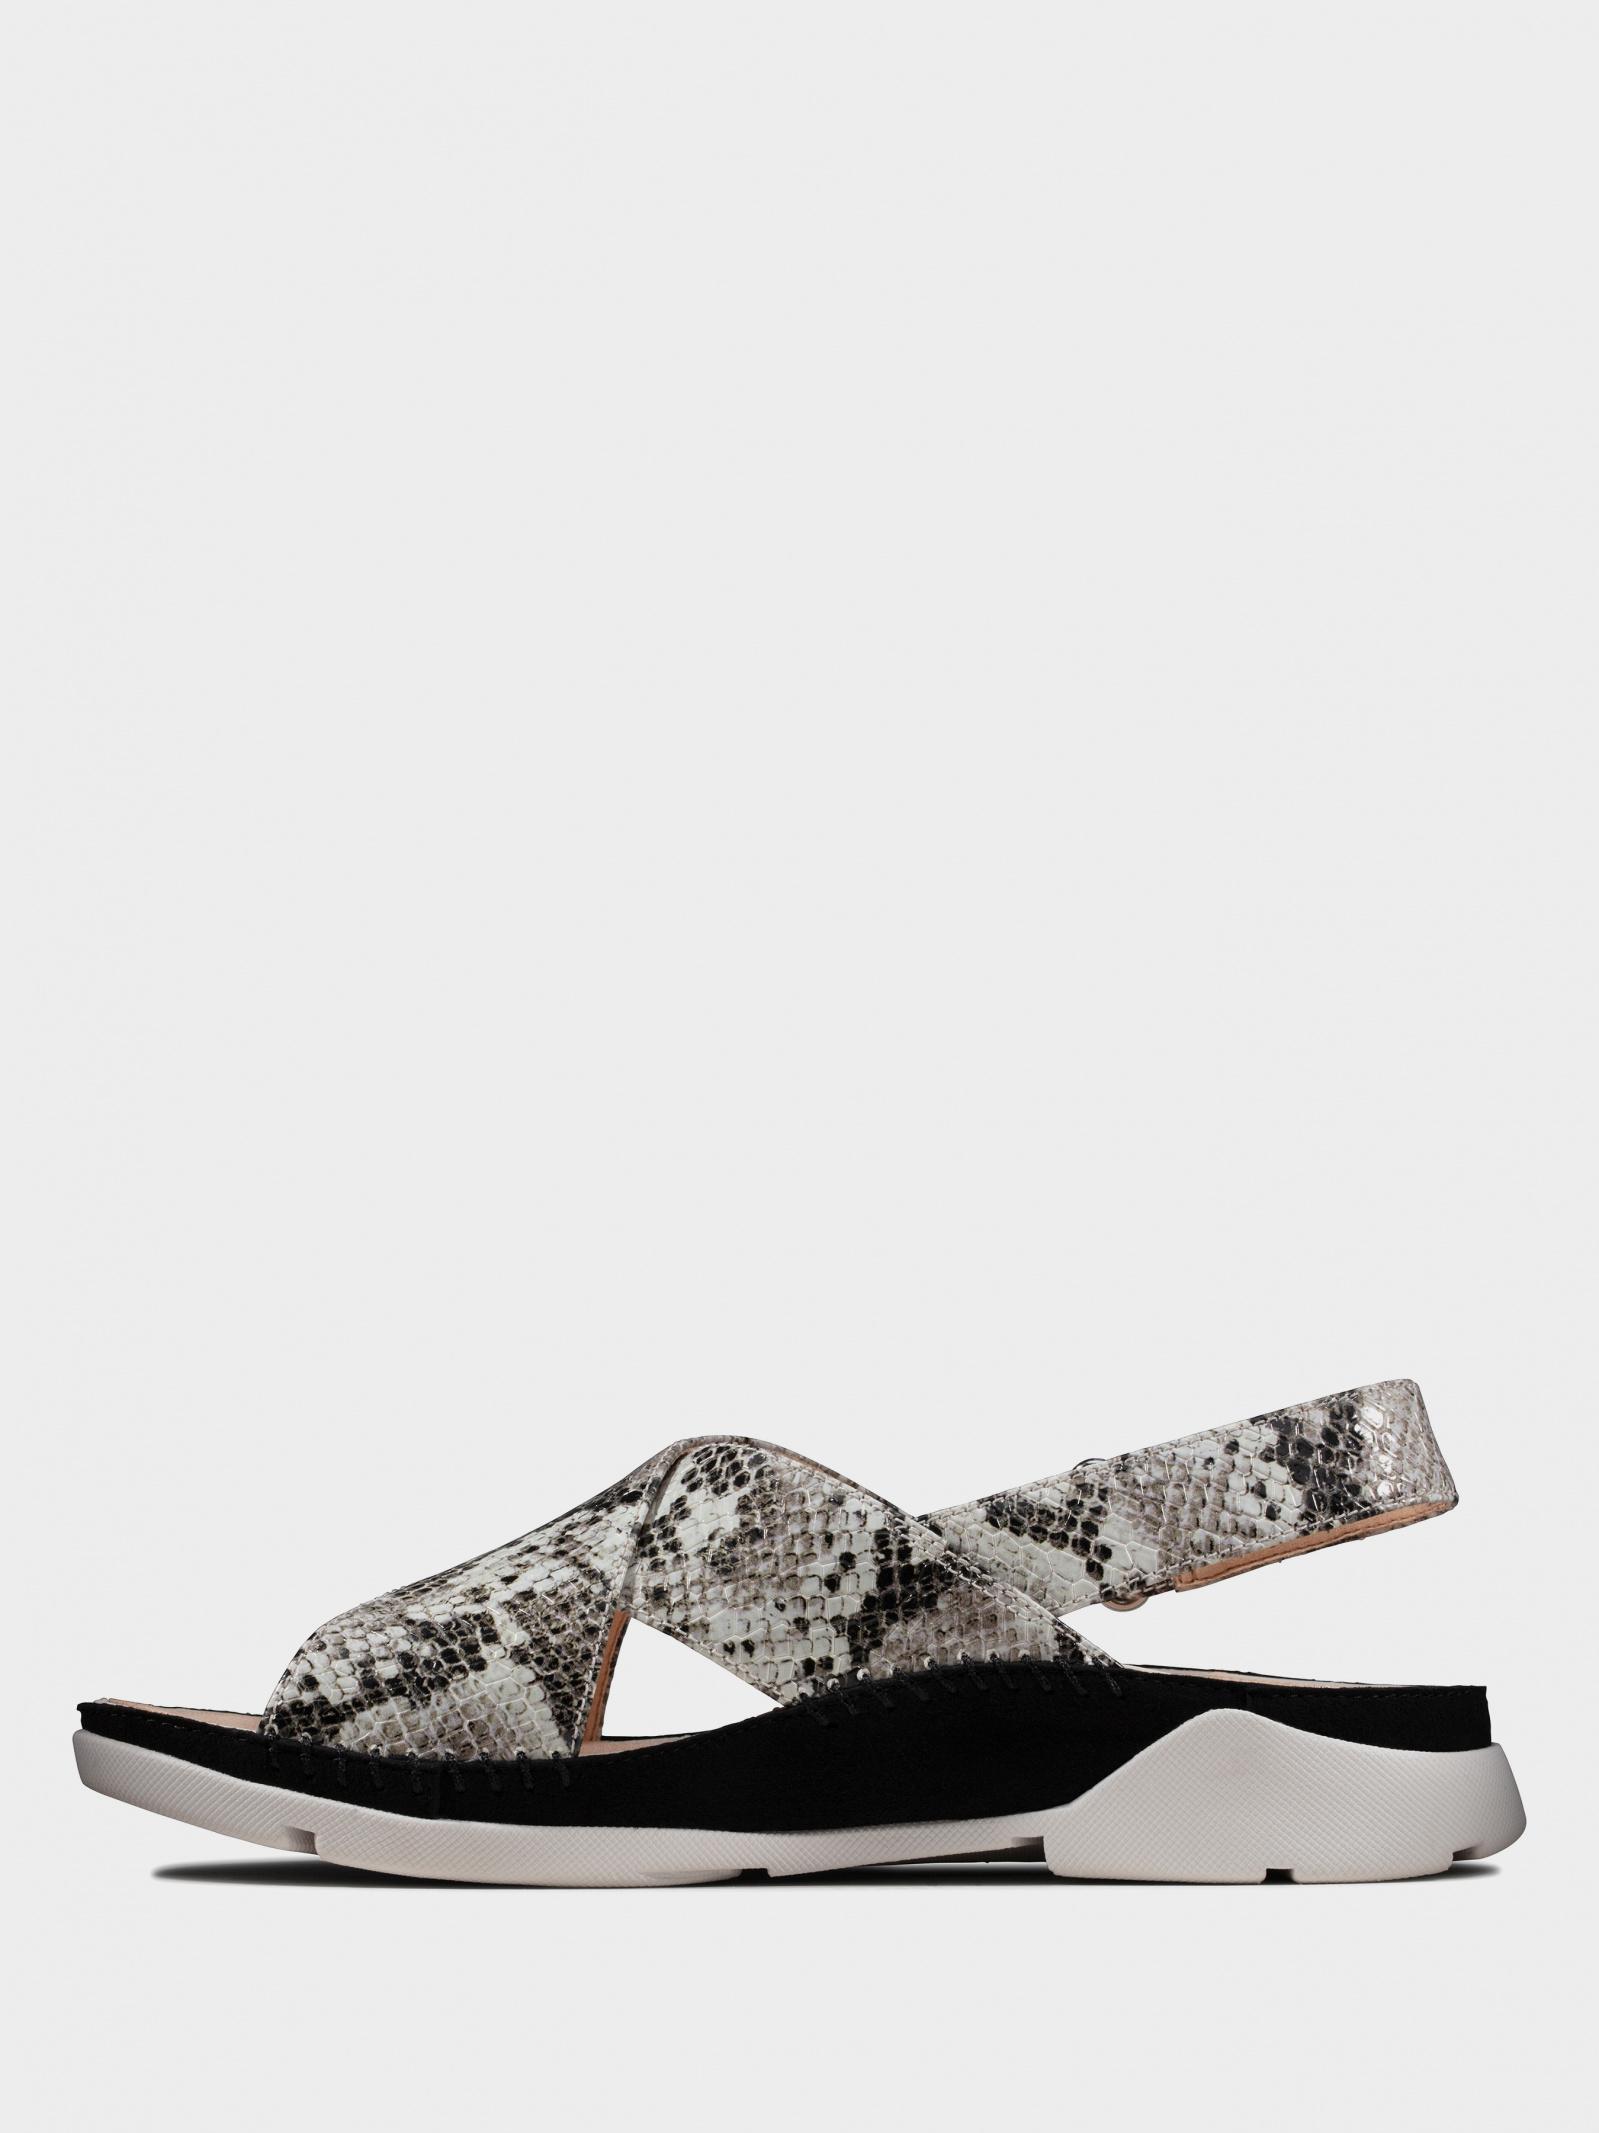 Сандалі  жіночі Clarks 2614-7939 розмірна сітка взуття, 2017